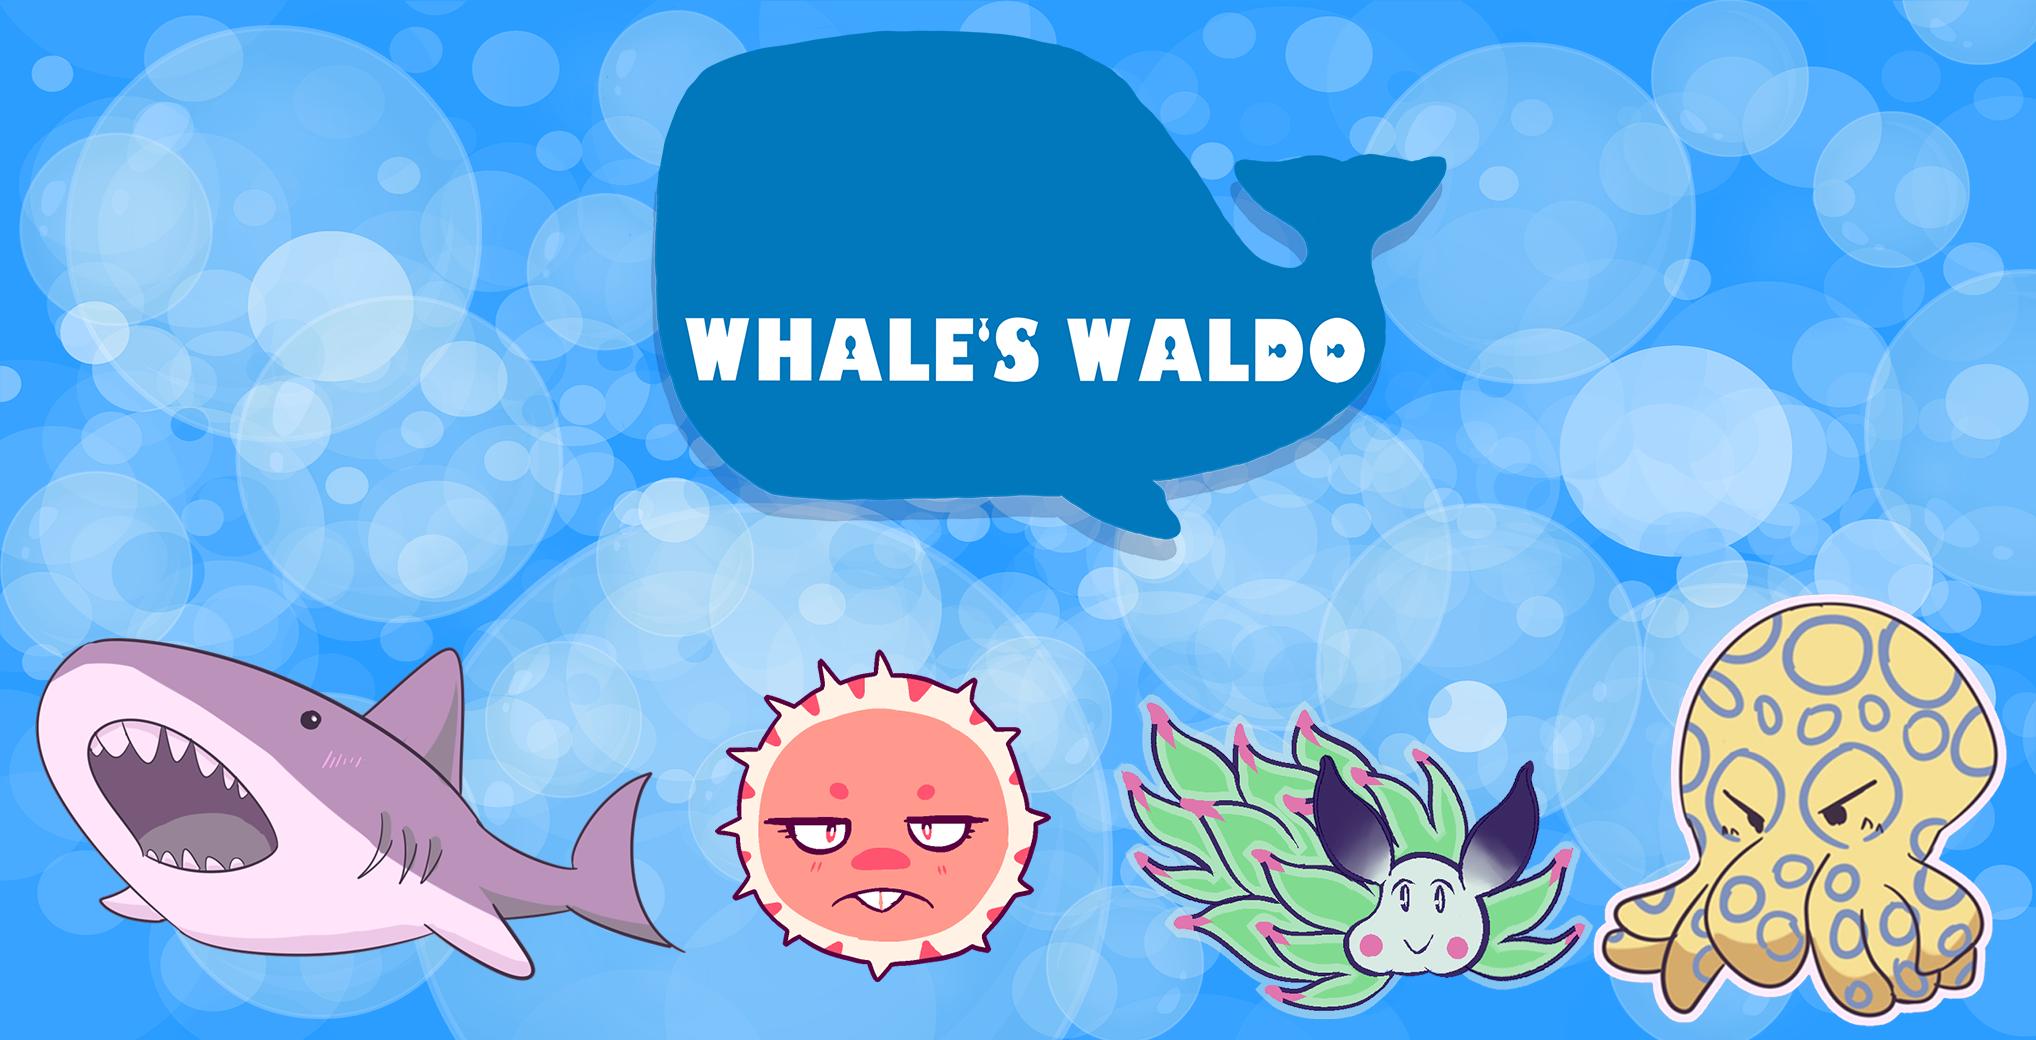 Whale's Waldo